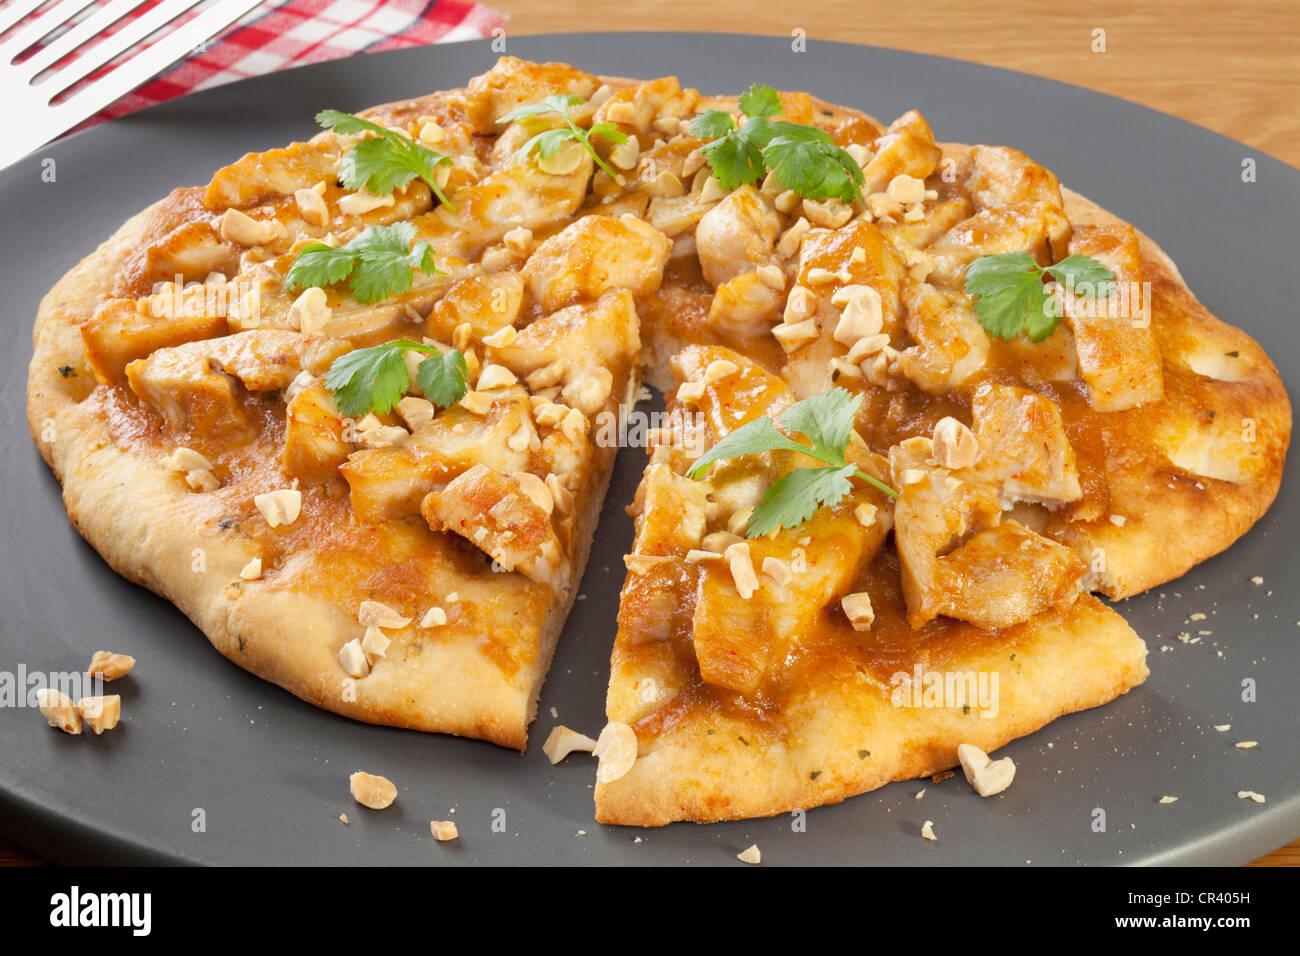 La Pizza de pollo Satay, rematada con cilantro y maní tostado. Imagen De Stock